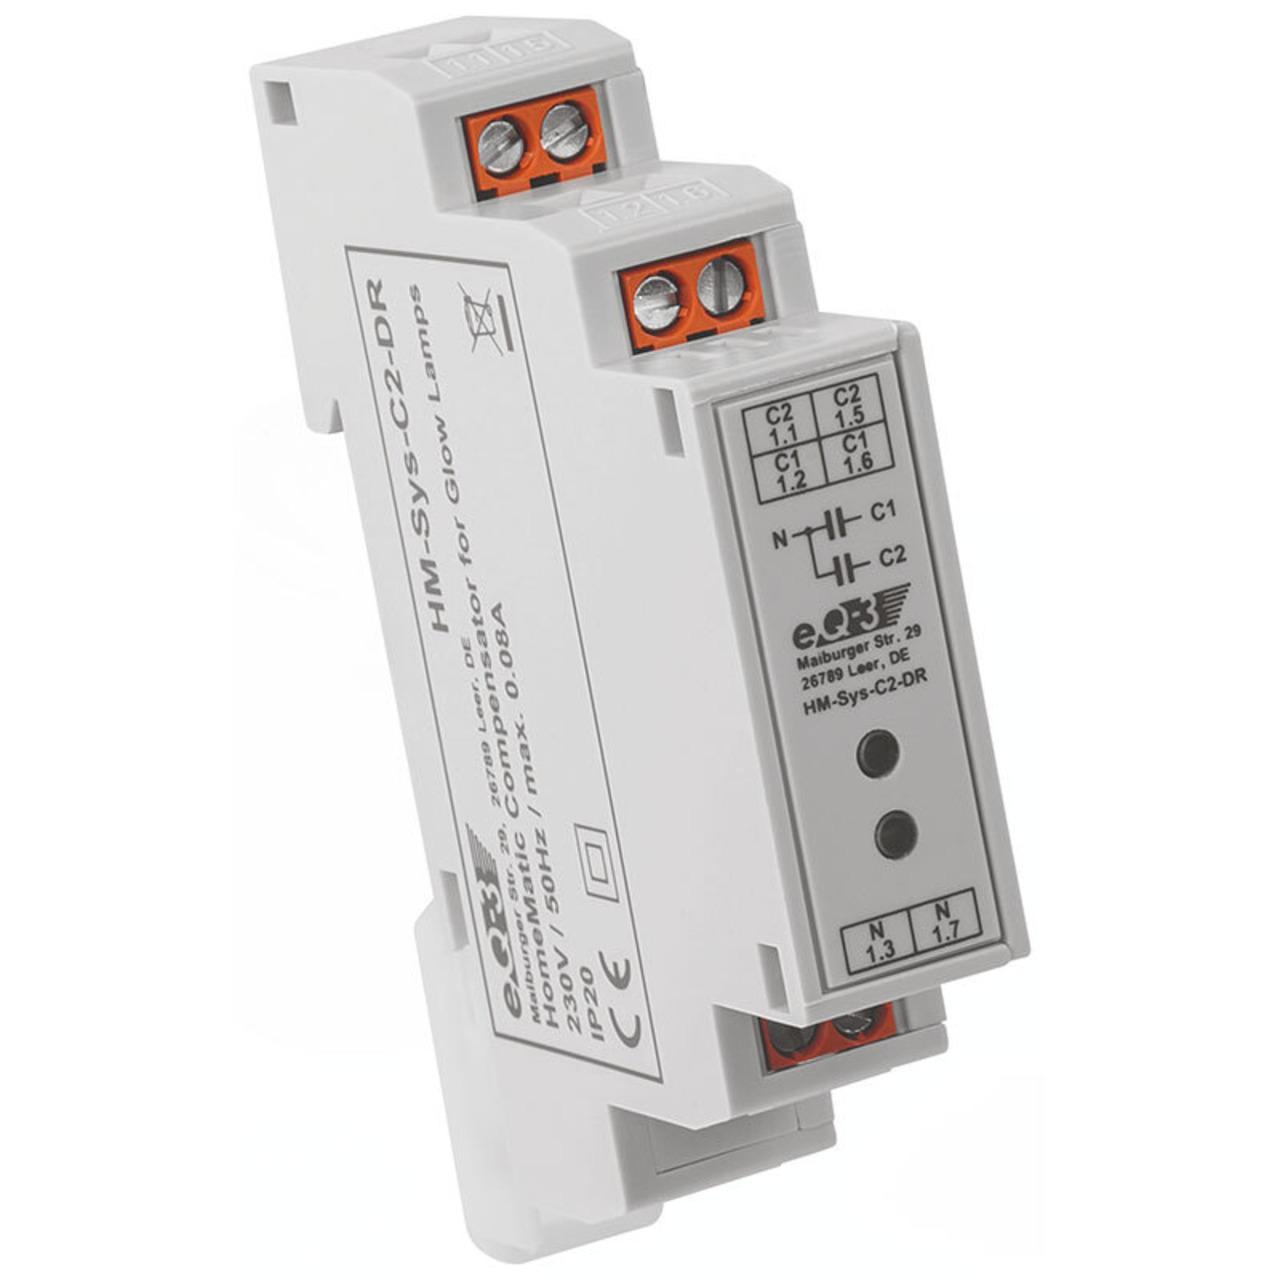 ELV Homematic Bausatz Kompensator für Glimmlampen HM-Sys-C2-DR